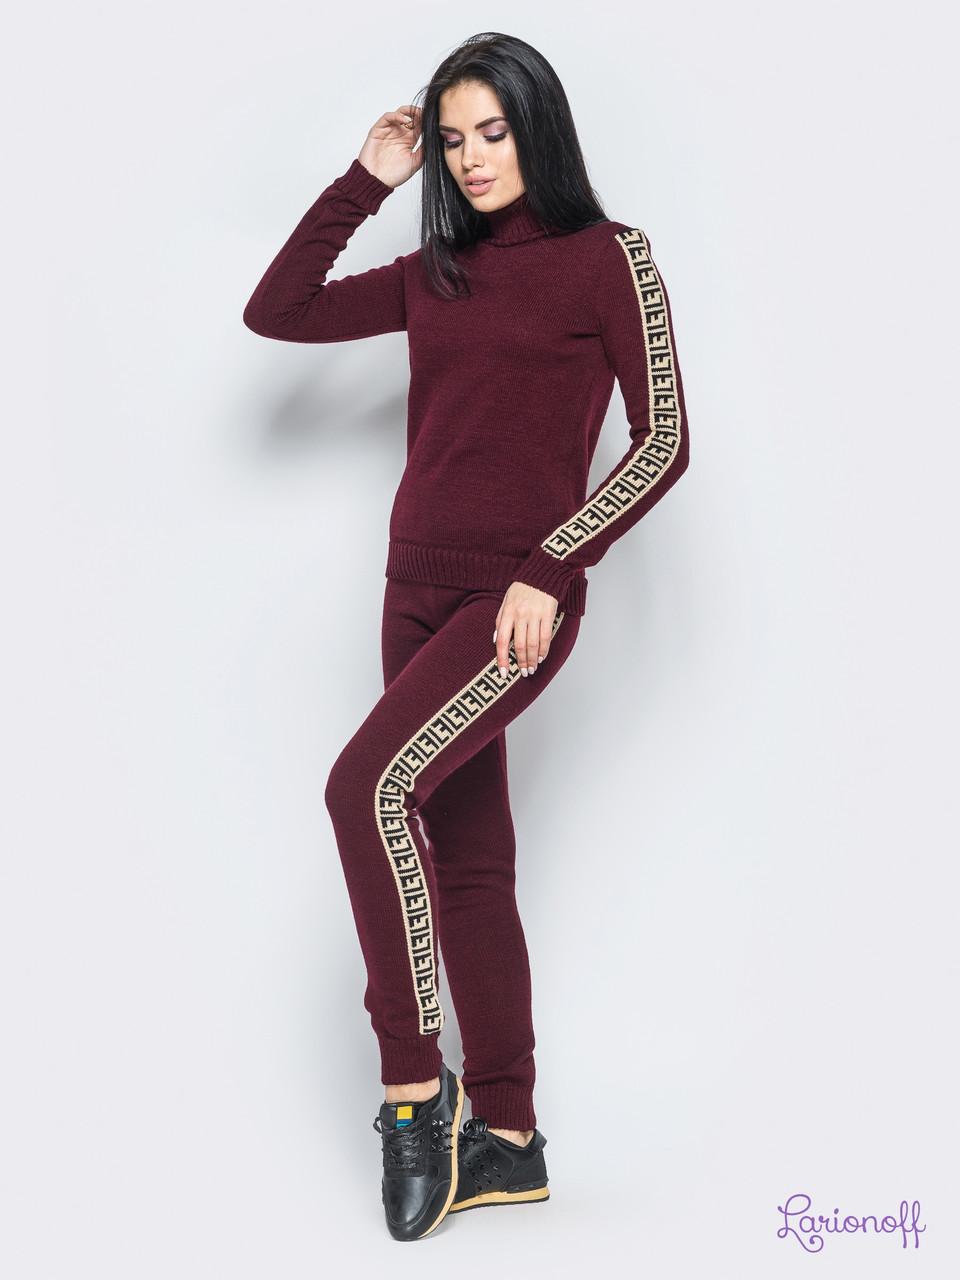 Модный  вязаный спортивный костюм,свитер под горло,размер единый 42-46